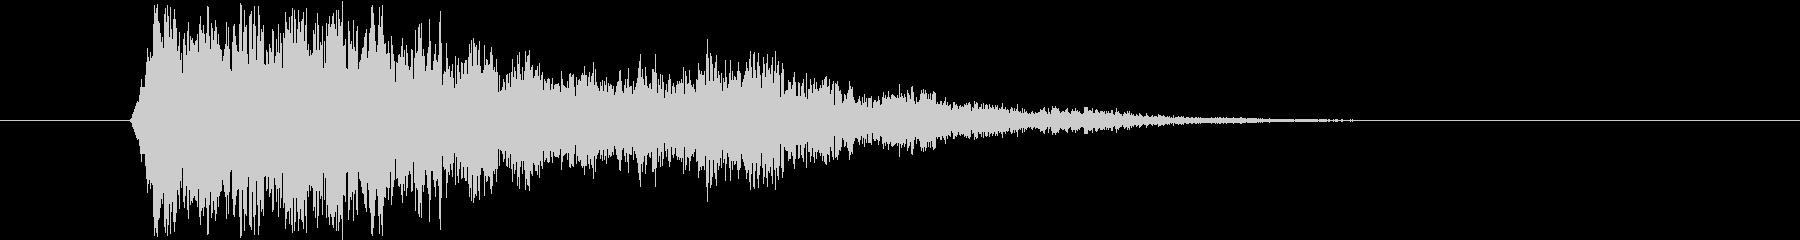 魔法効果_m0238の未再生の波形